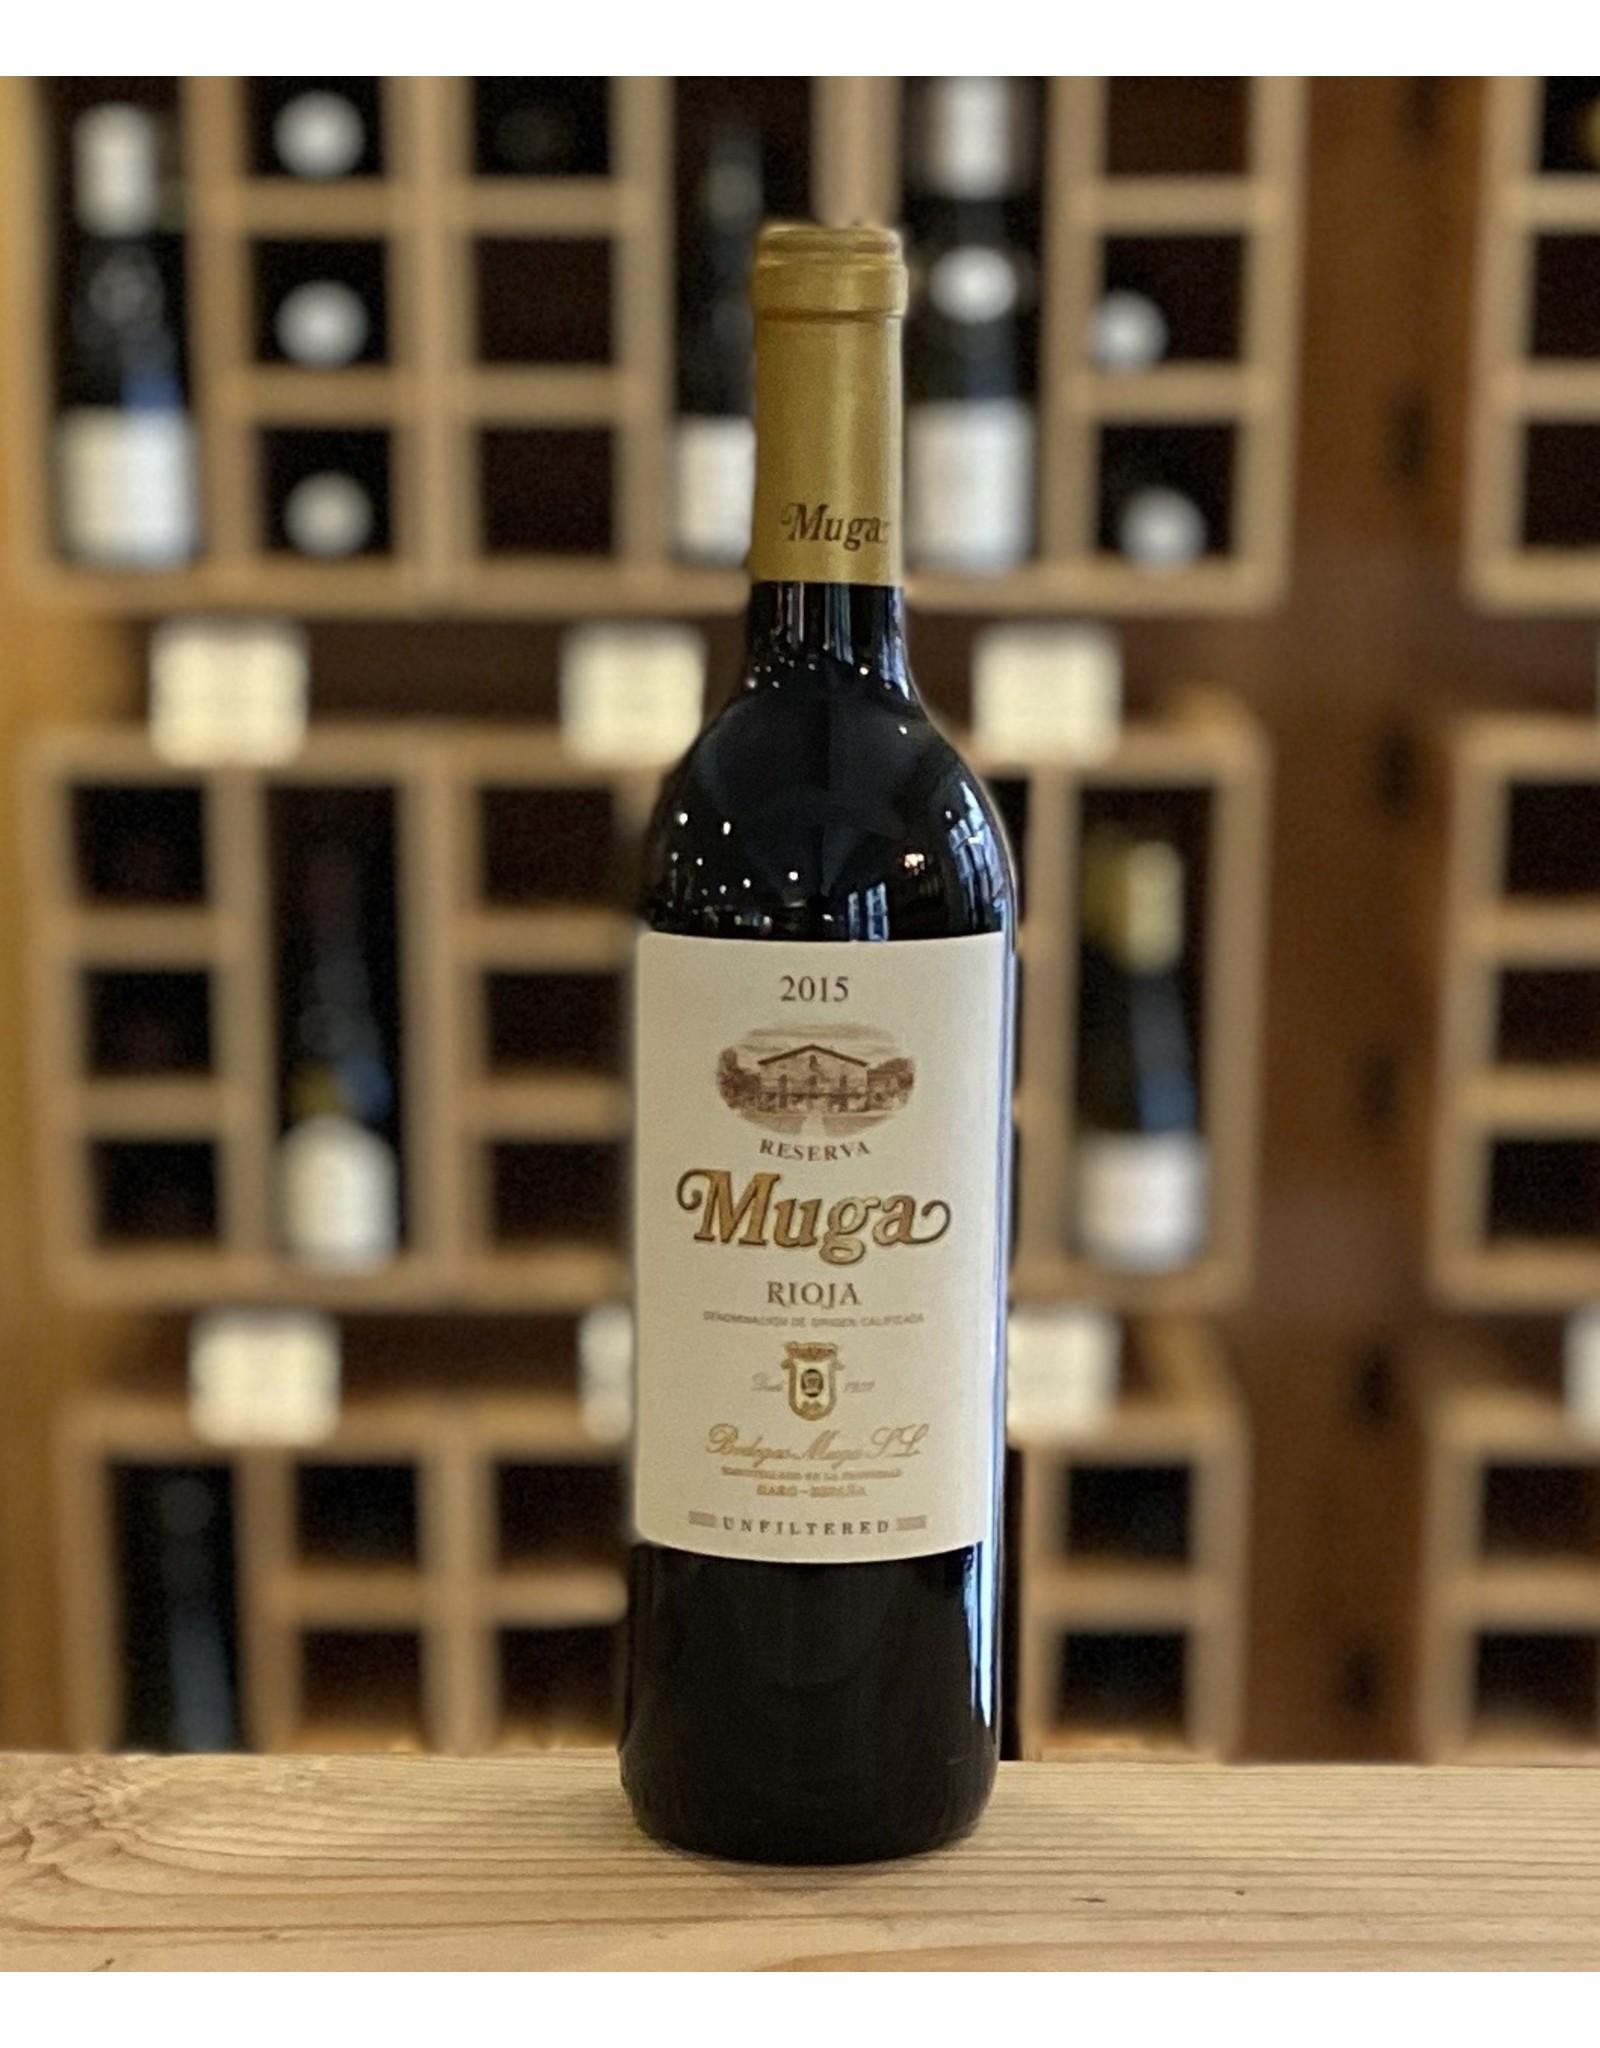 Rioja Muga Rioja Reserva 2015 - Rioja, Spain